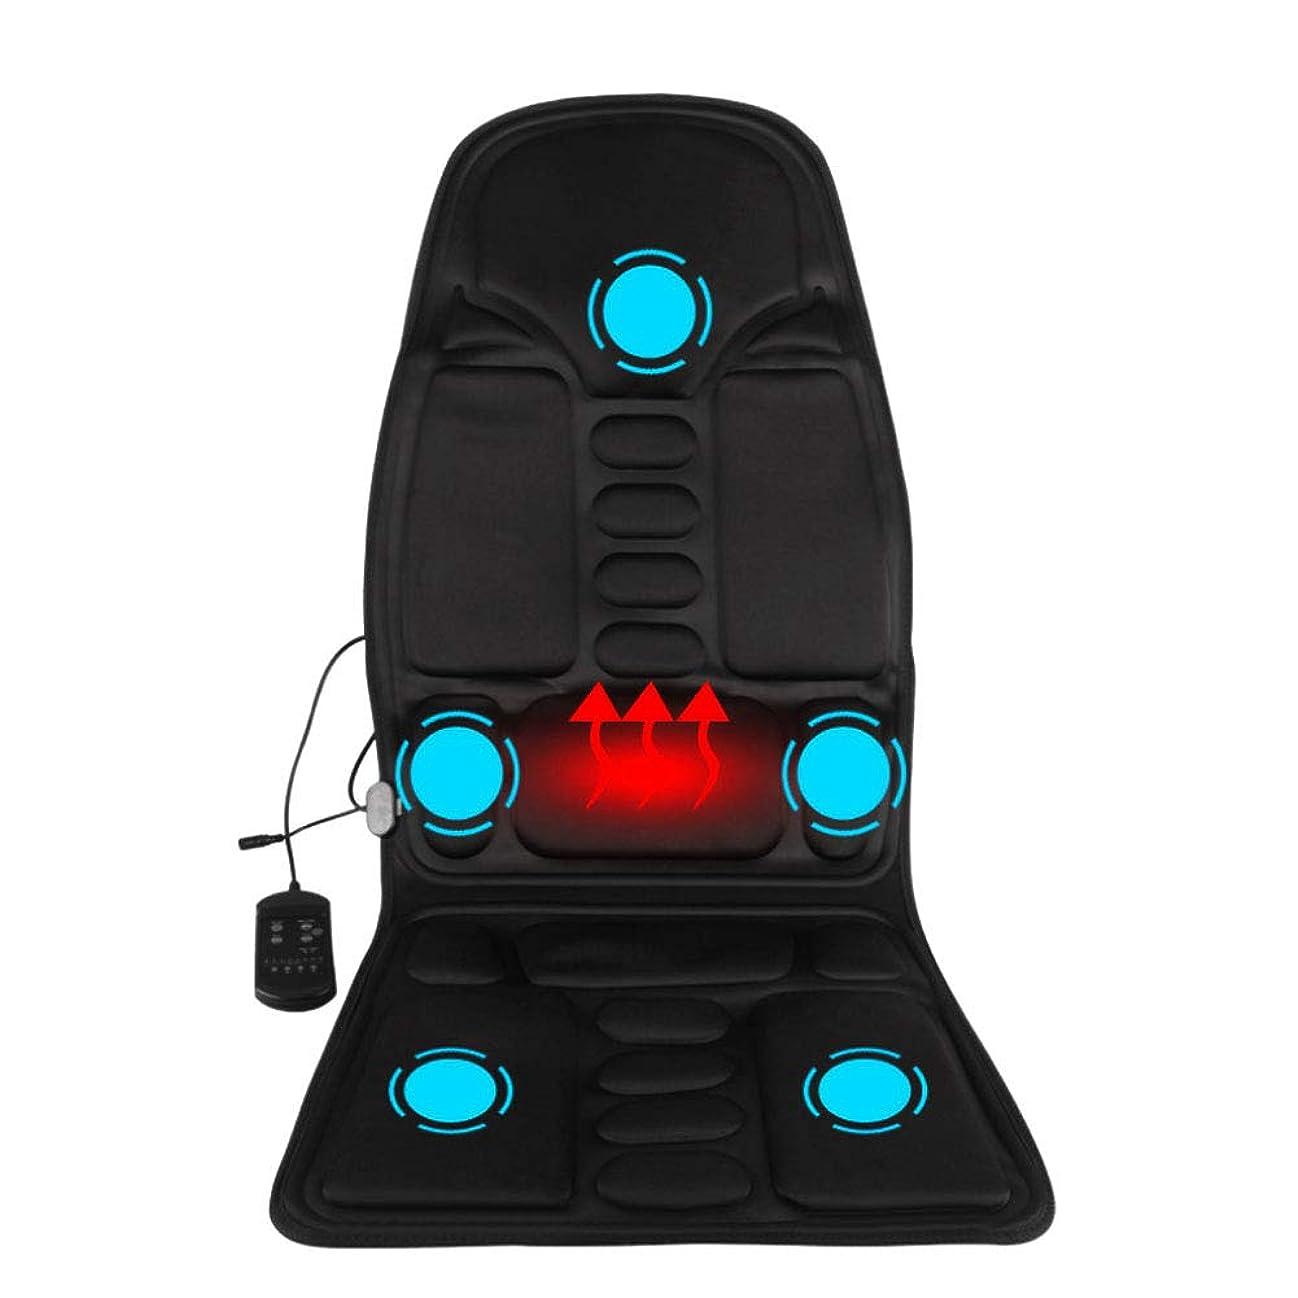 支援する設計図嬉しいですマッサージのあと振れ止めのクッション、車の総本店の5つの熱振動モーターを搭載する背部そして首全体のための携帯用マッサージャーの座席振動のマッサージ